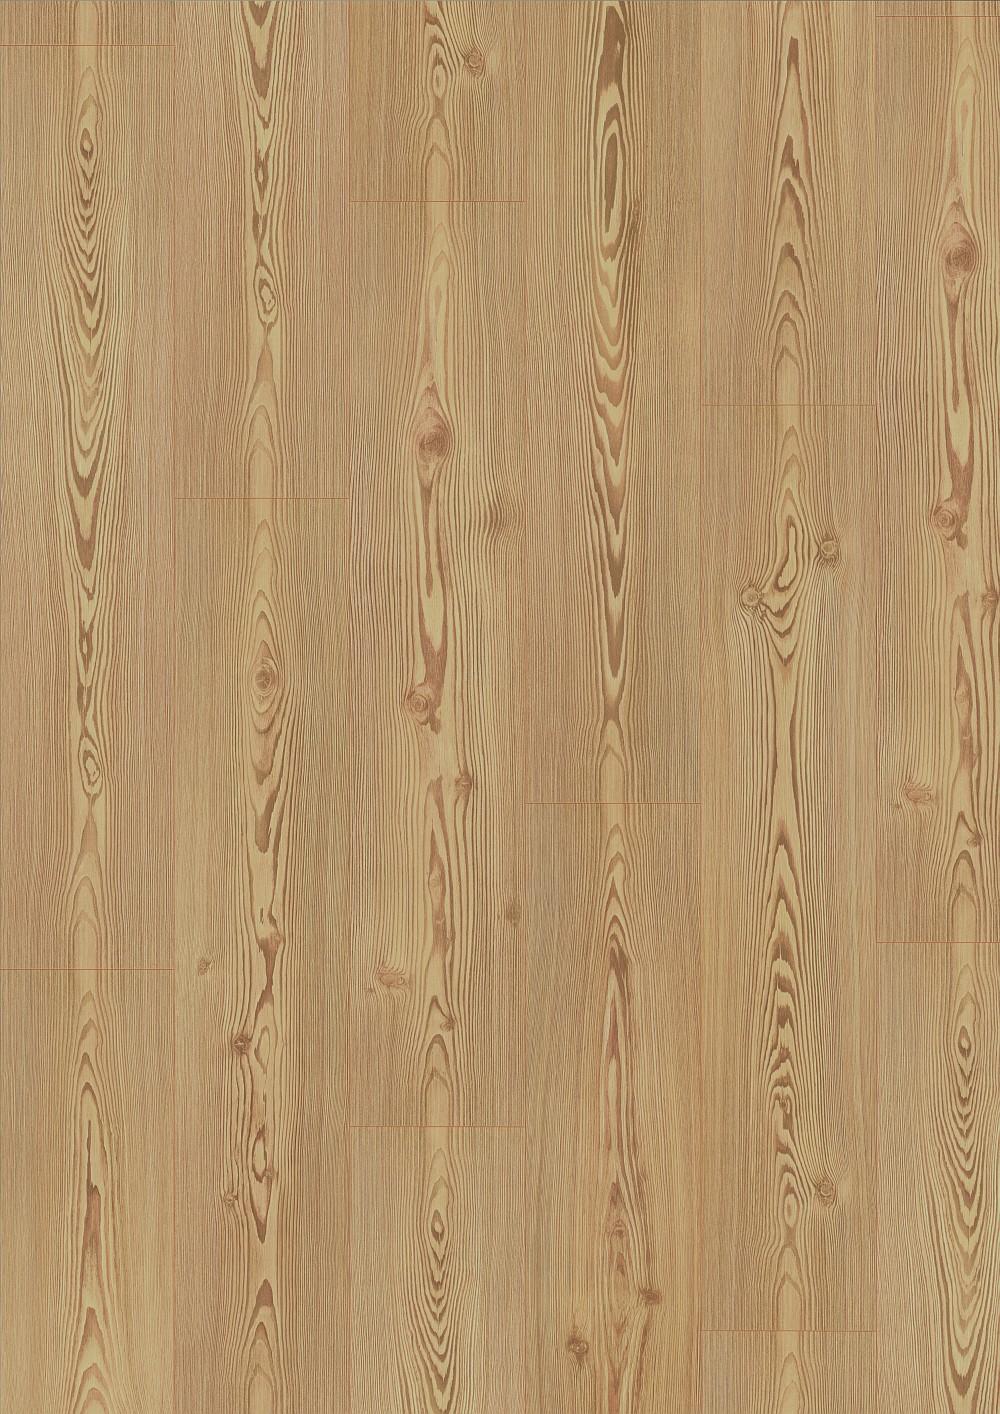 Korková plovoucí podlaha EGGER Cork+ Large (Modřín Ettal EGGER CO LA 2030)